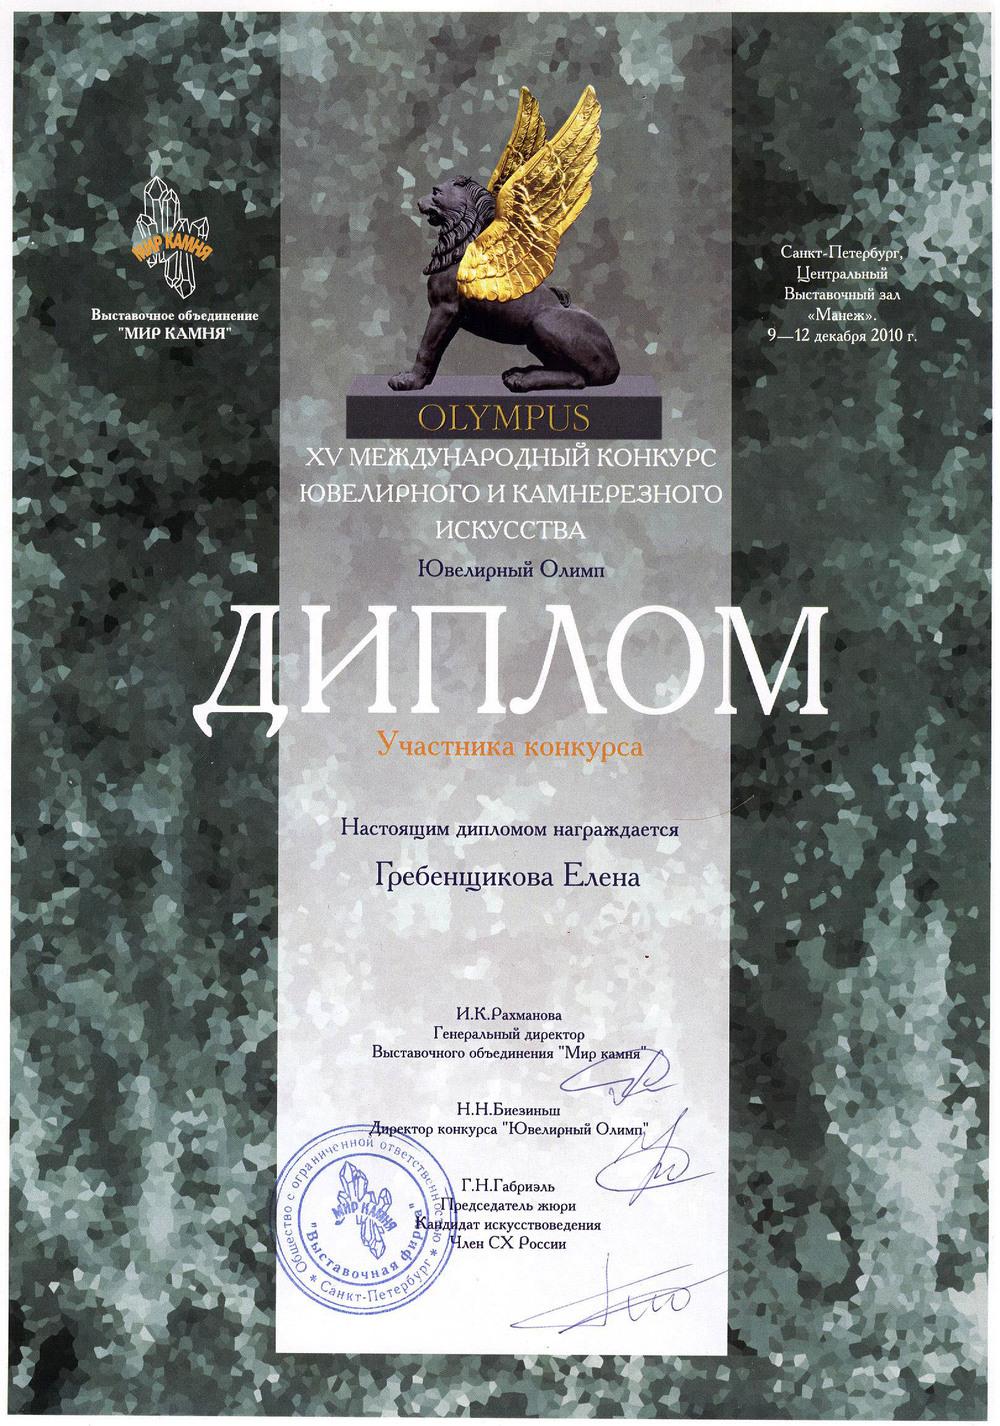 Диплом Всероссийского конкурса авторского и камнерезного искусства Ювелирный Олимп, г. Санкт-Петербург, март 2012 г.